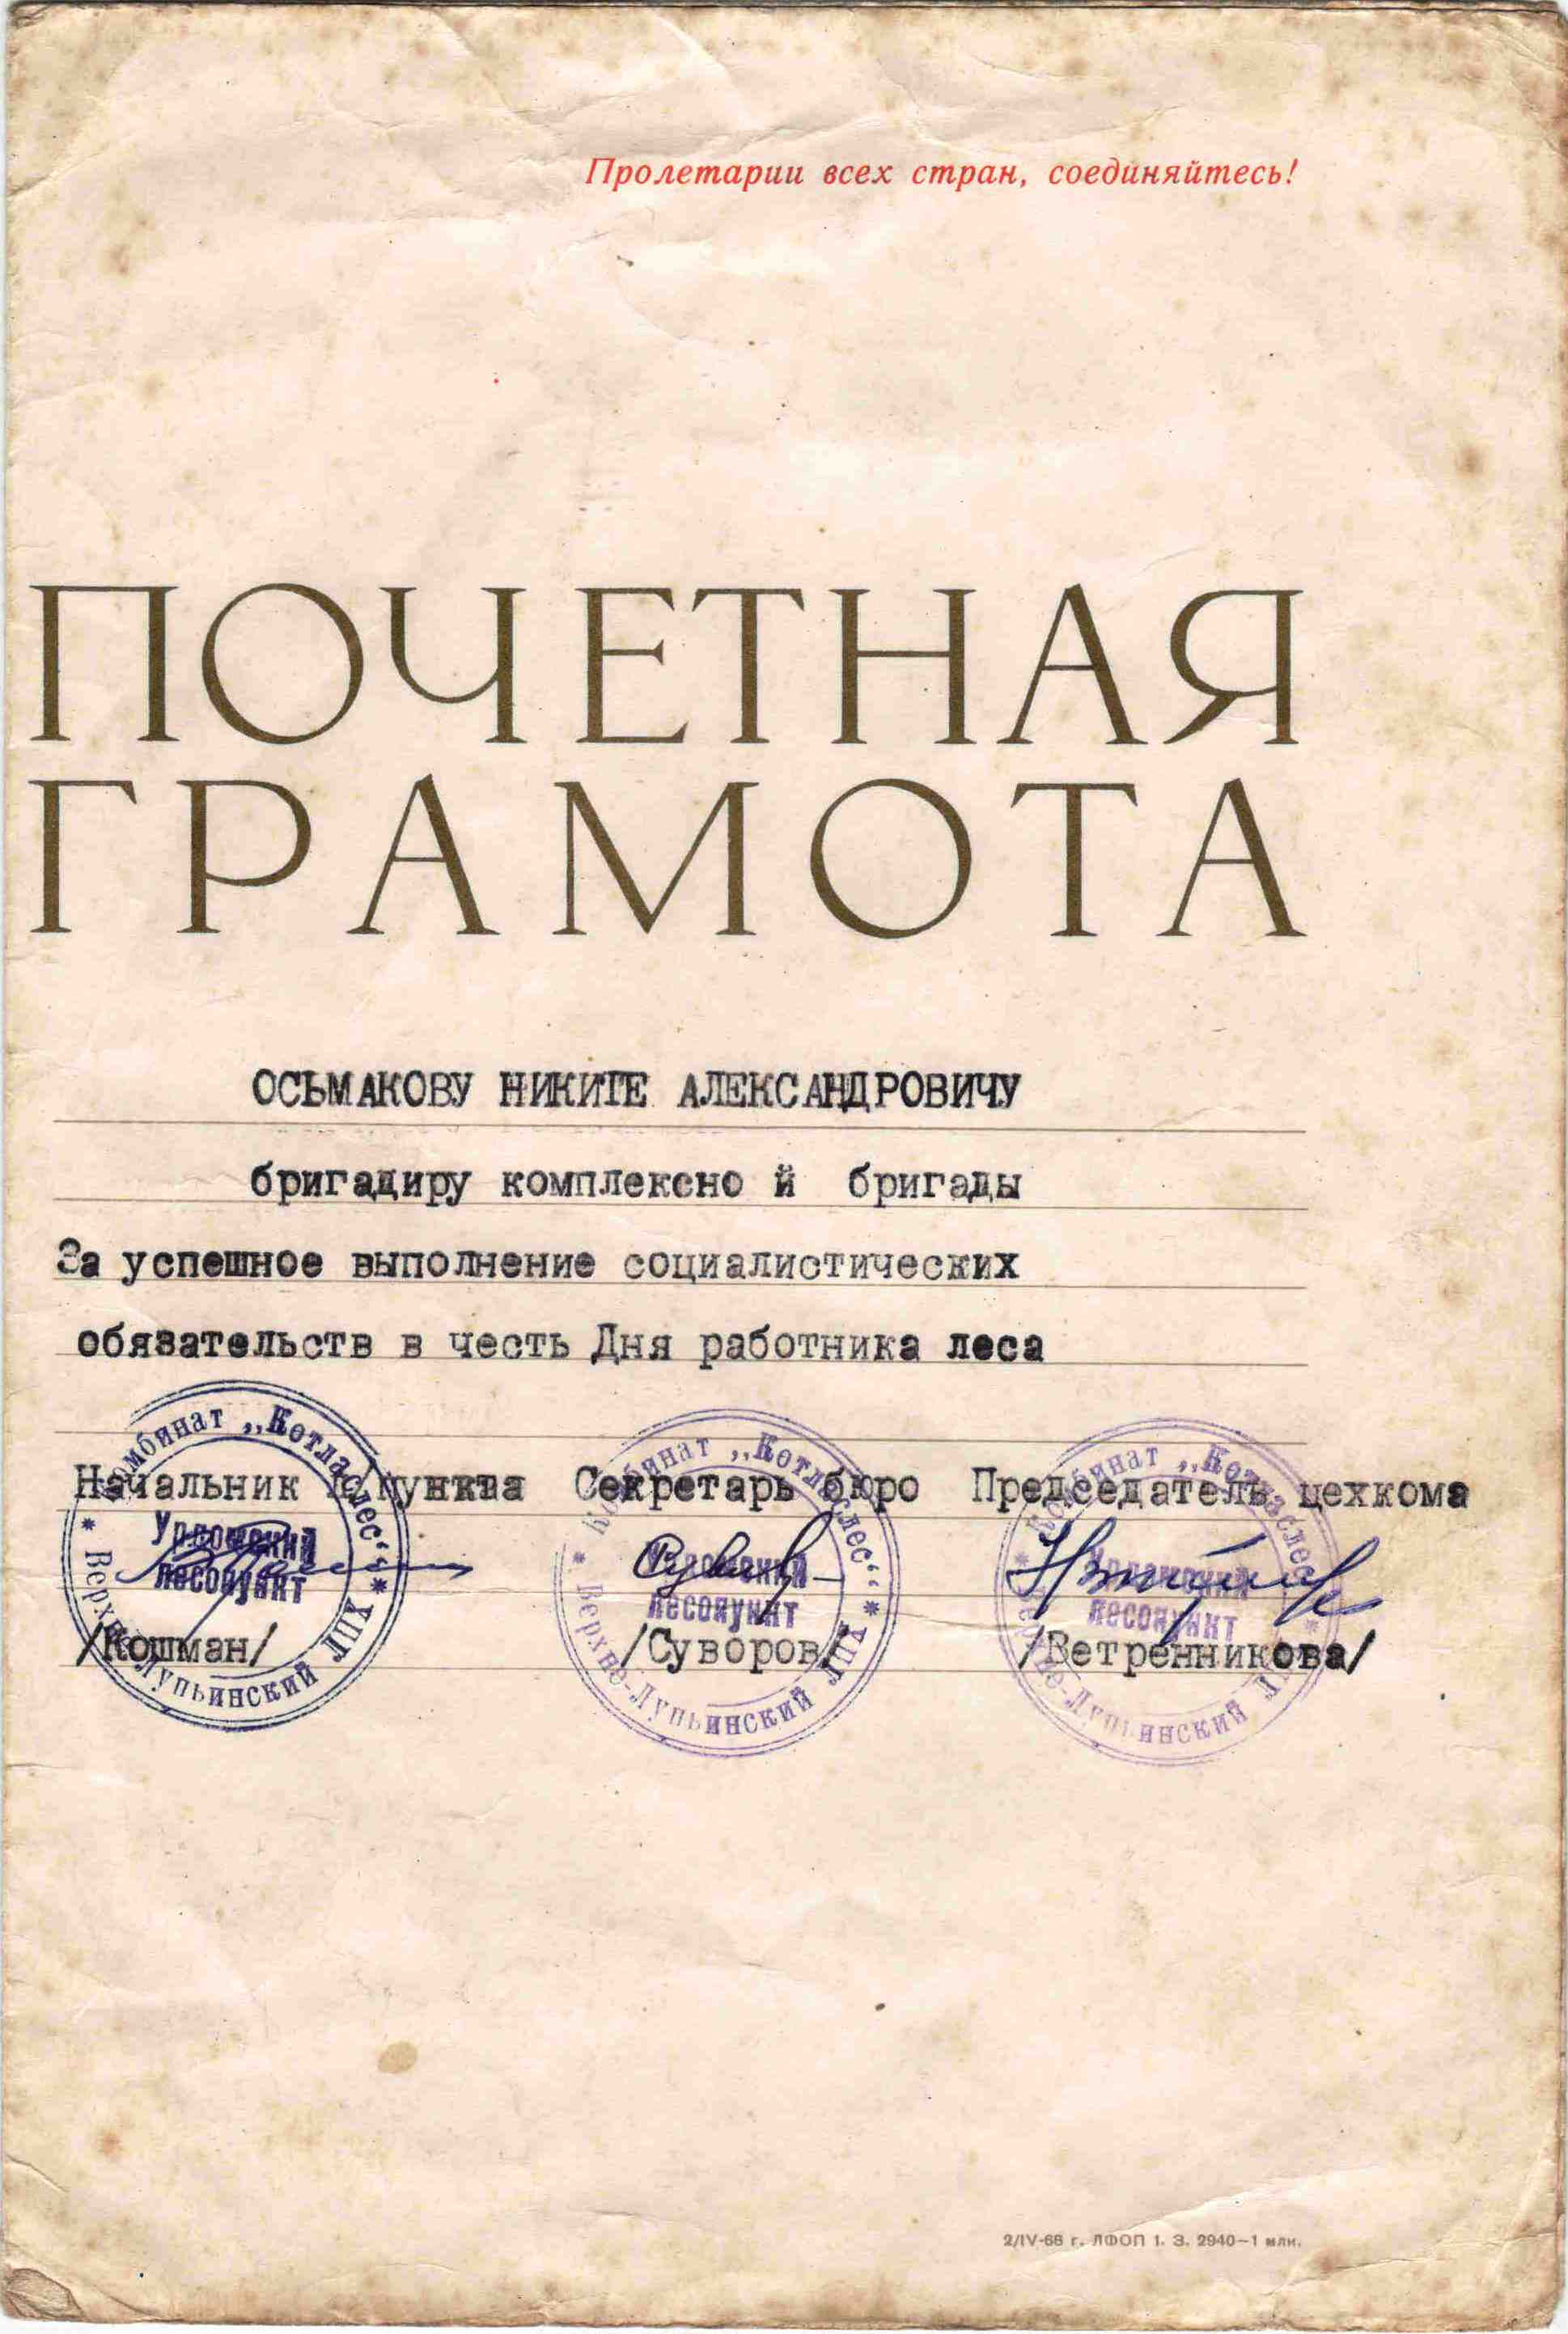 40. Почетная грамота, 1968 г.